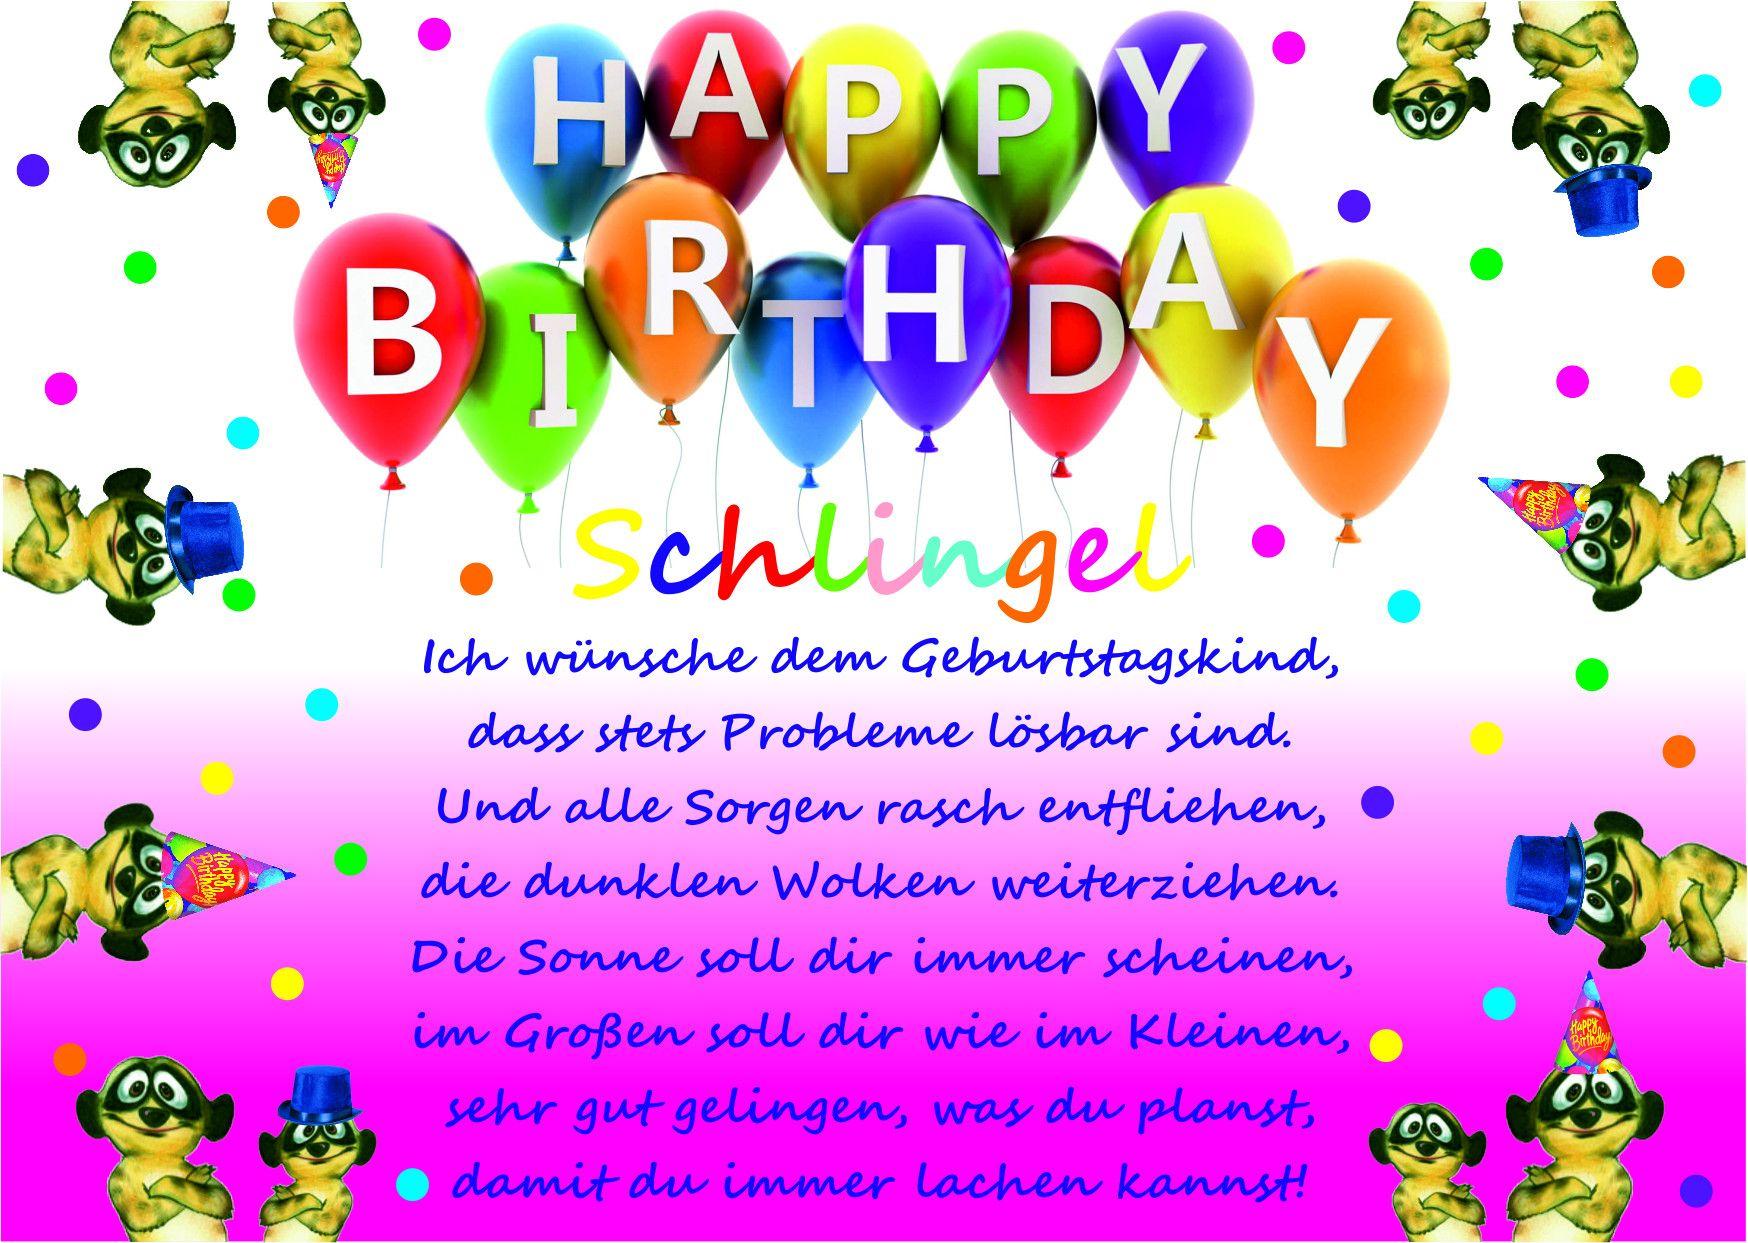 Geburtstagsbilder Fur Bruder Inspirational Geburtstagsspruche Fur